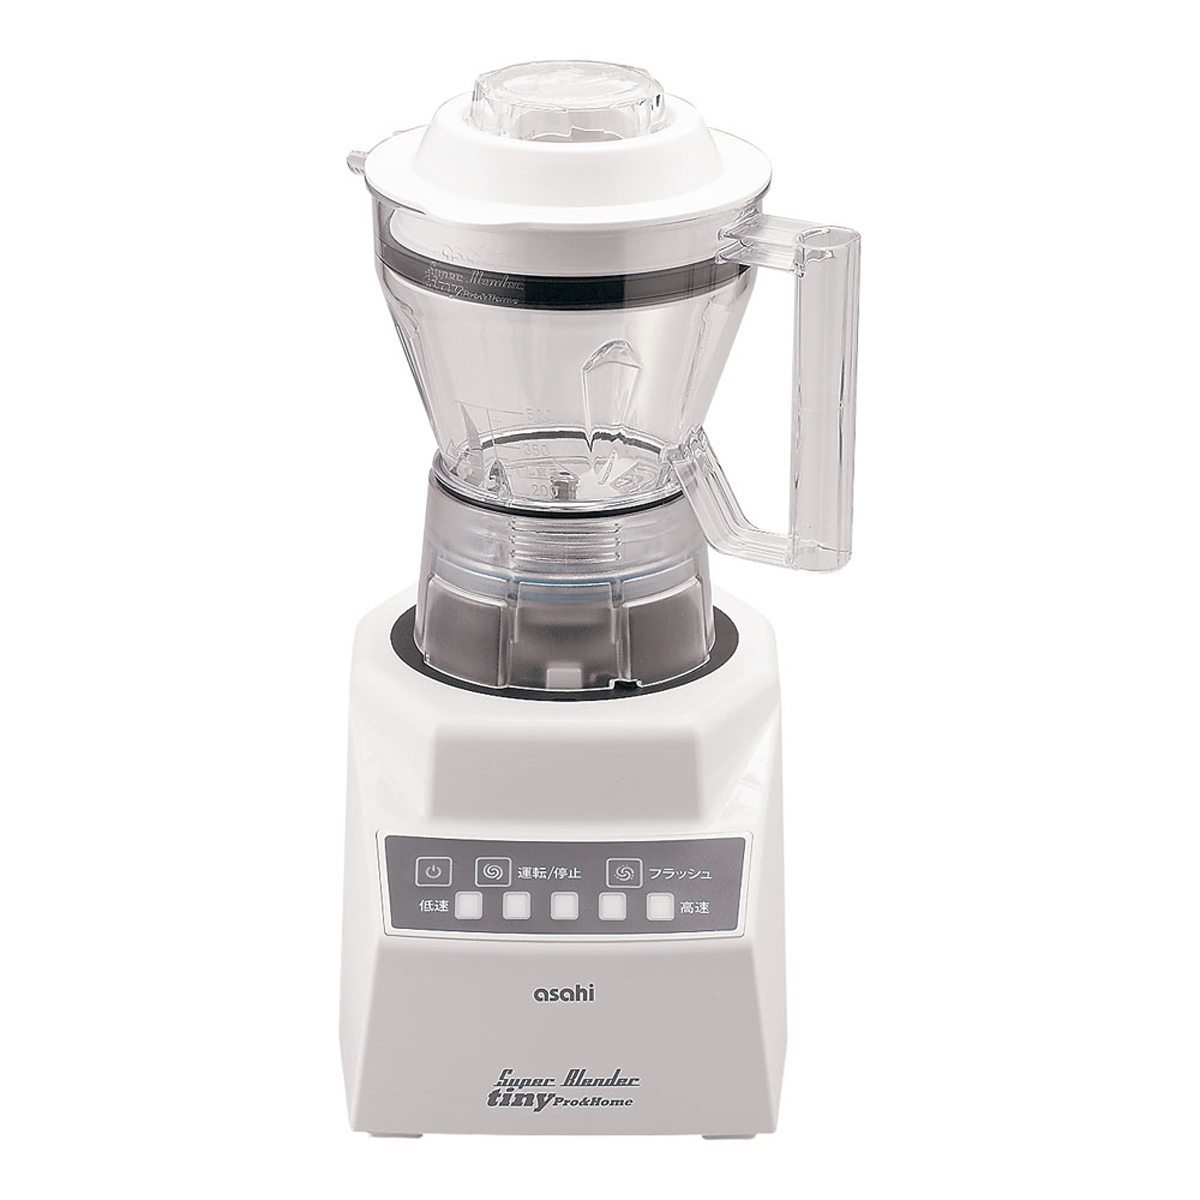 アサヒ スーパーブレンダーtiny ASH-6S 6-0576-0101【厨房用品 調理機械 フードプロセッサー 万能調理機 業務用 販売 通販】[10P03Dec16]